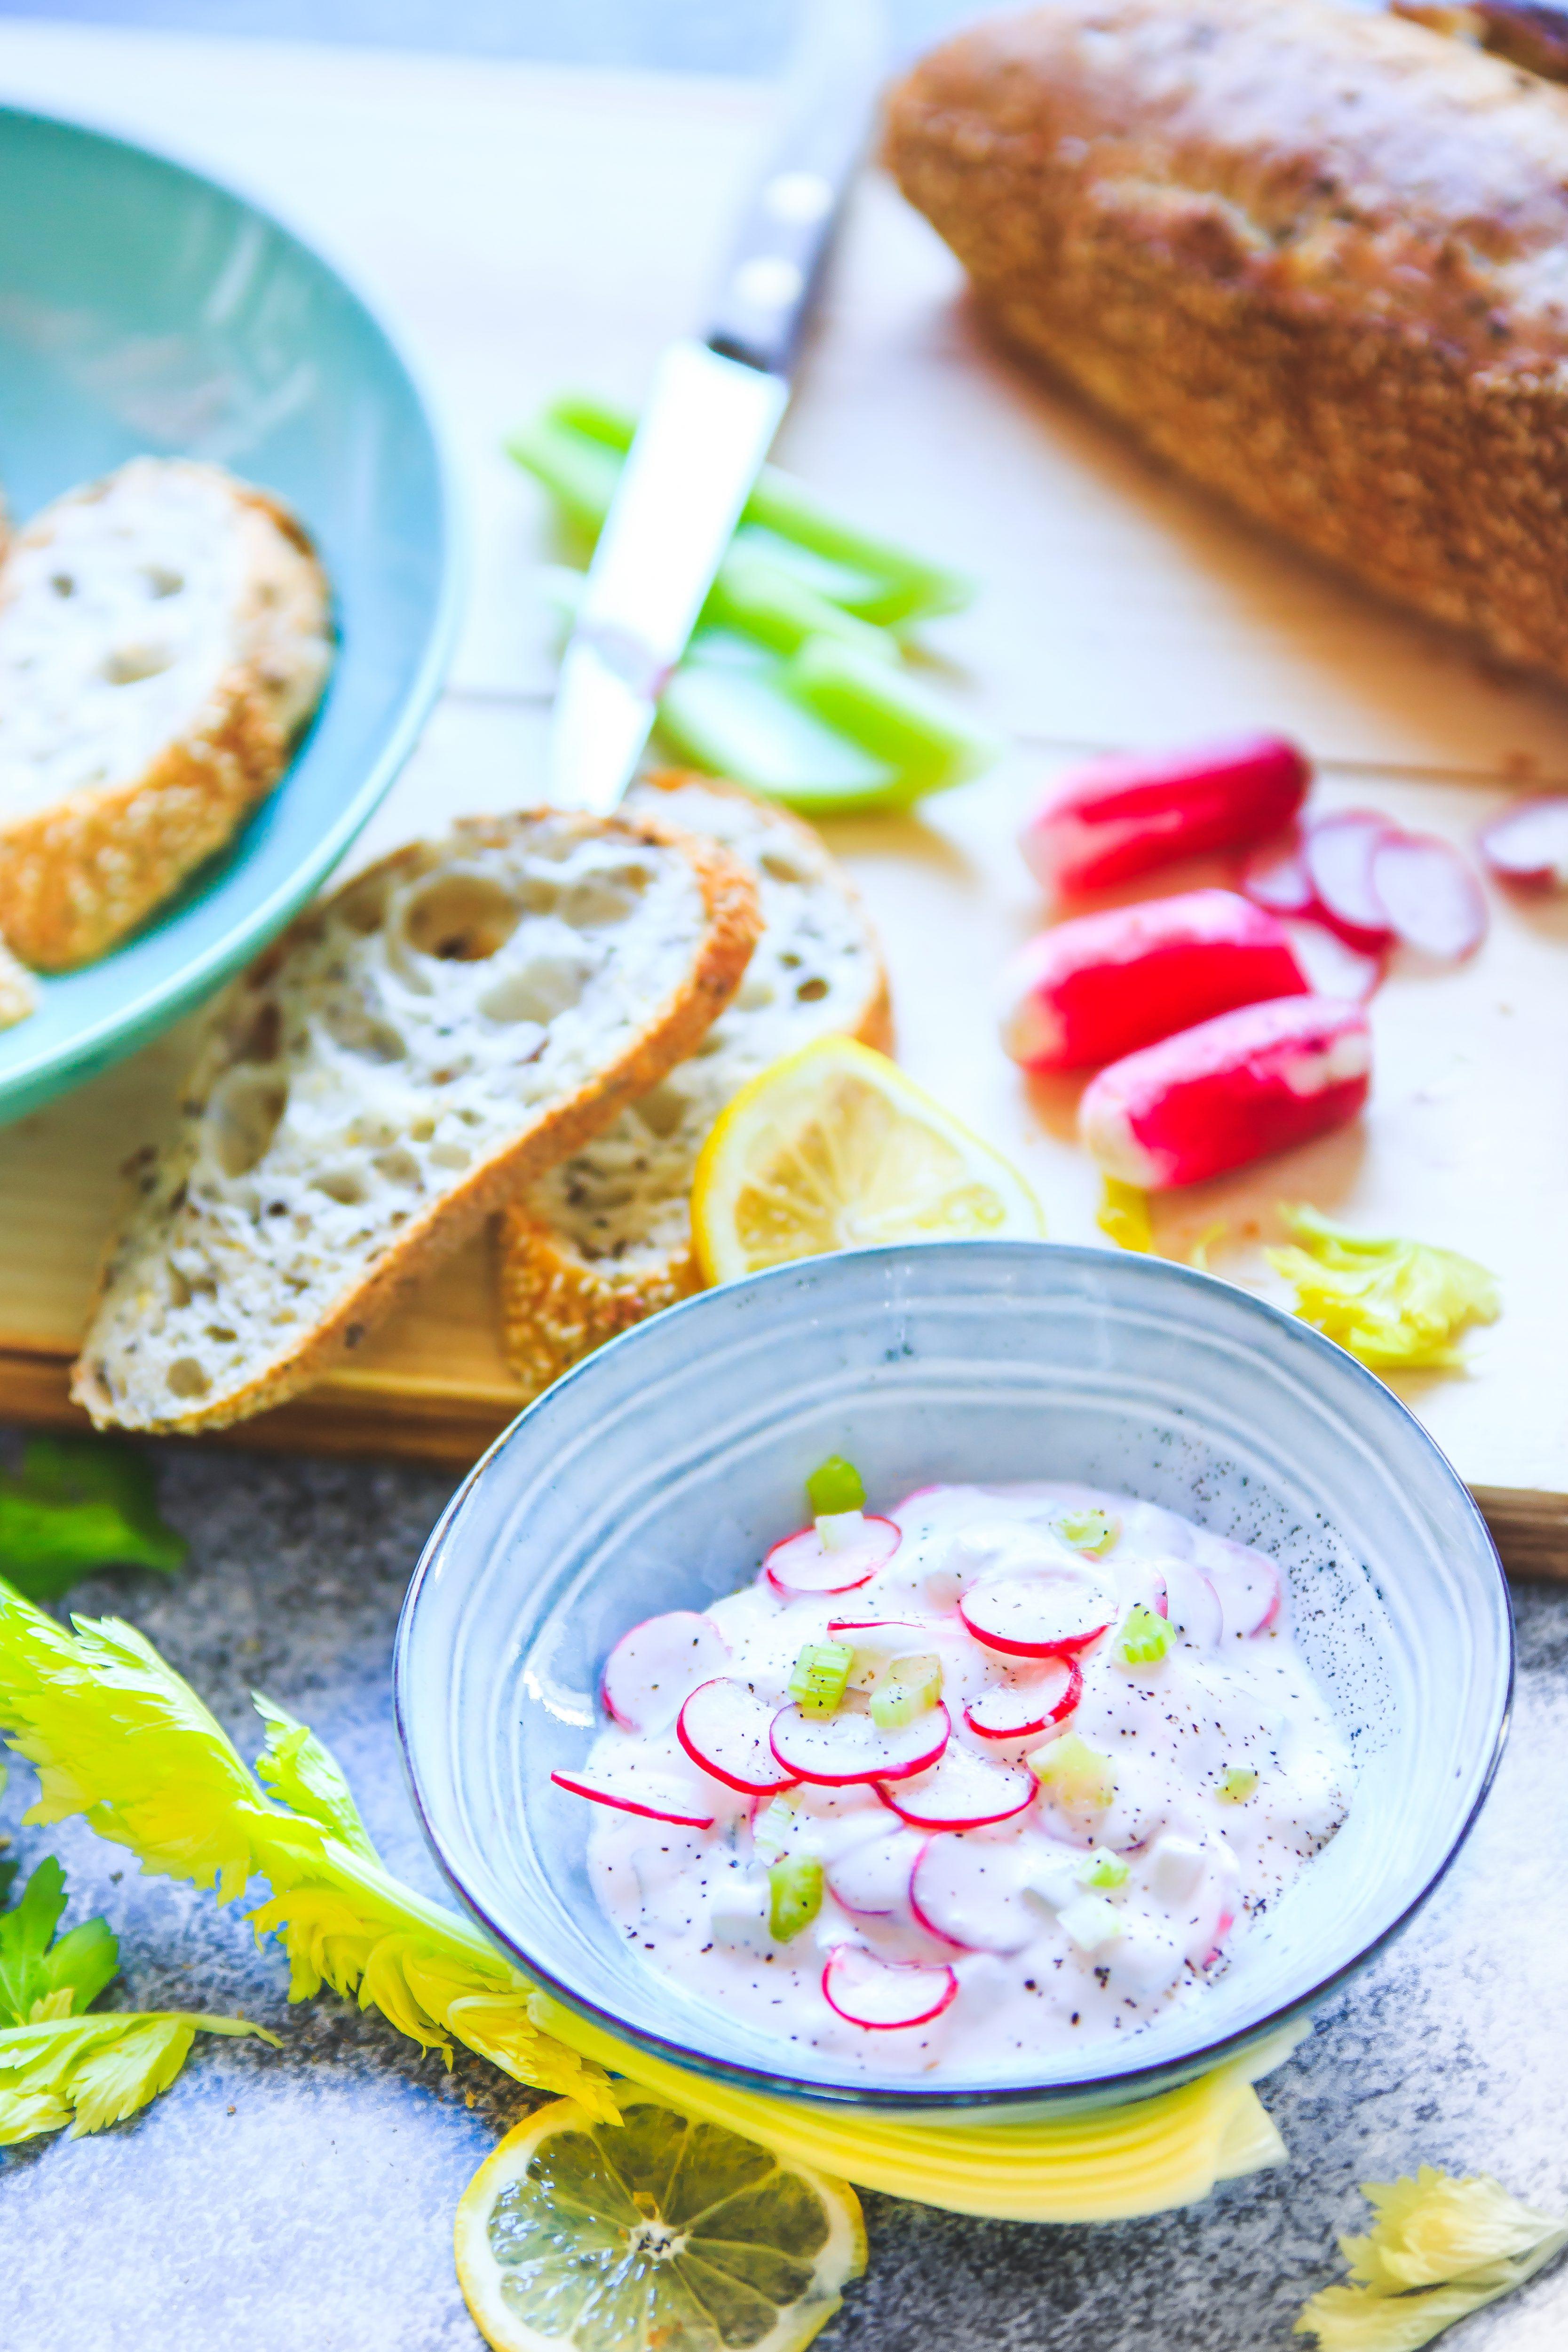 Recette Crème de radis rose et Céleri branche.  Photographe et styliste culinaire France.